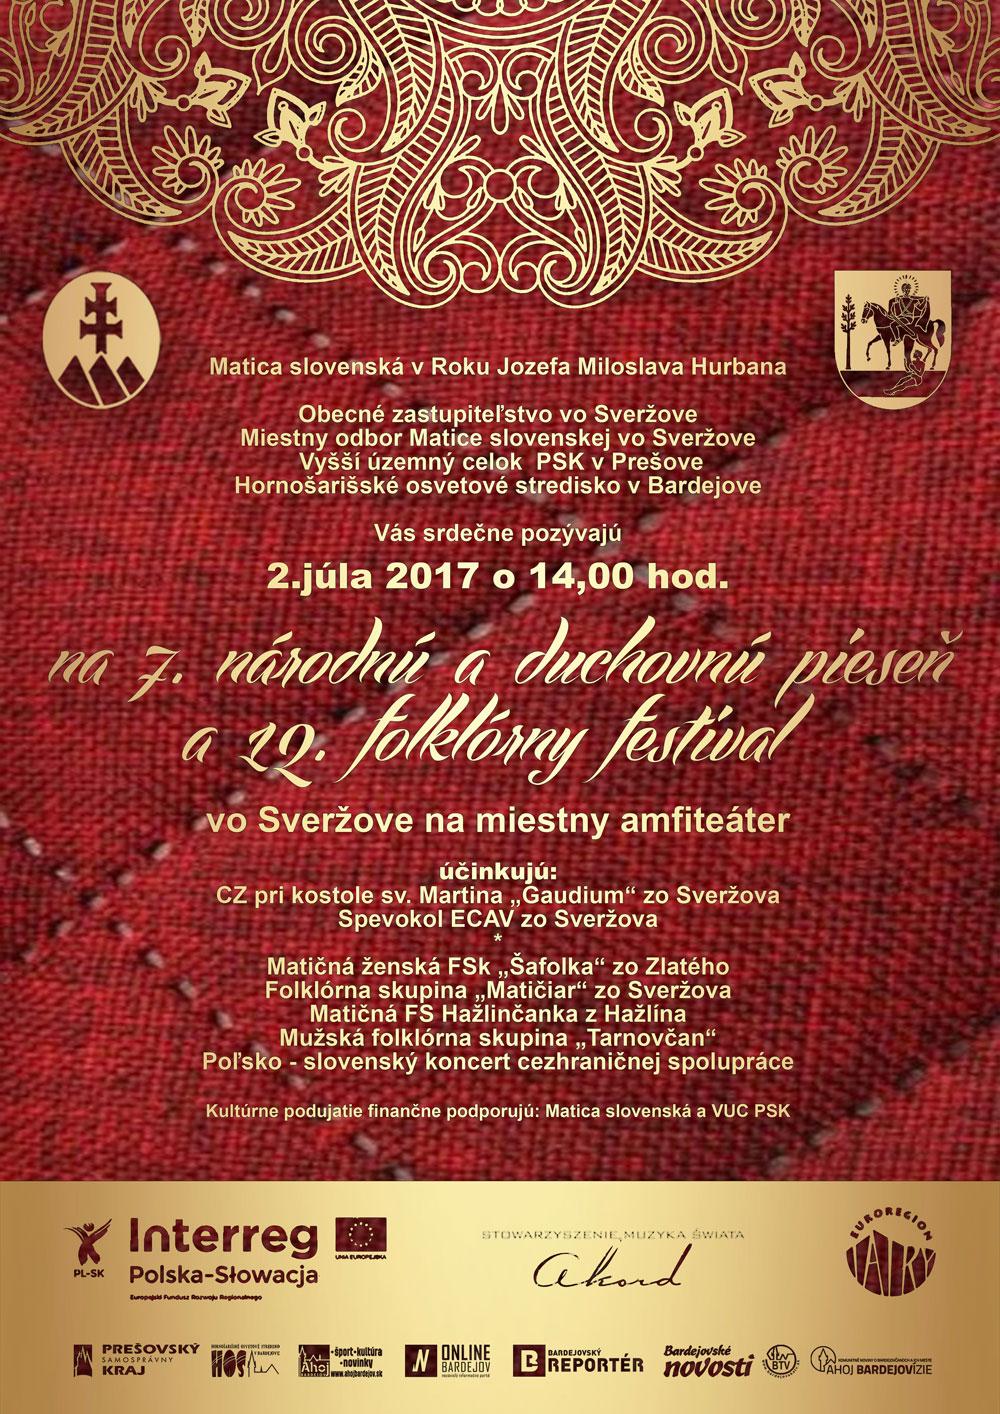 7. národná a duchovná pieseň a 12. folklórny festival